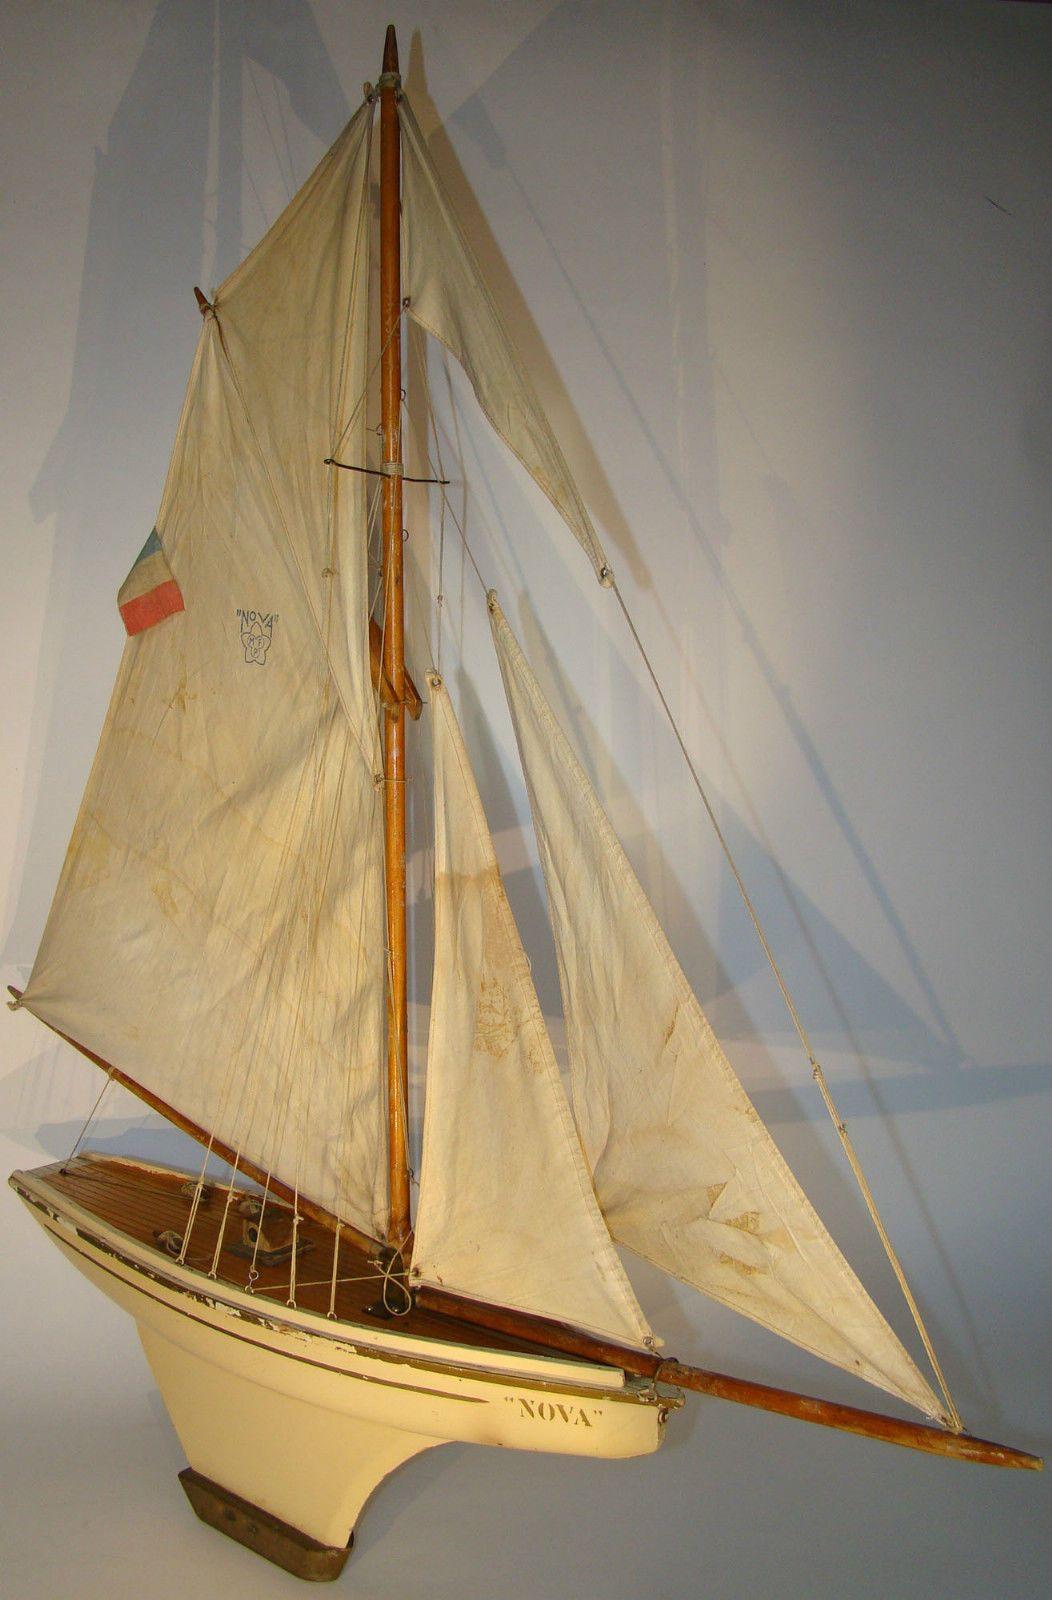 Canot de bassin bateau voilier nova 5 voiles n 8 longueur hors tout 90cm in jouets et jeux - Voilier de bassin ancien nanterre ...